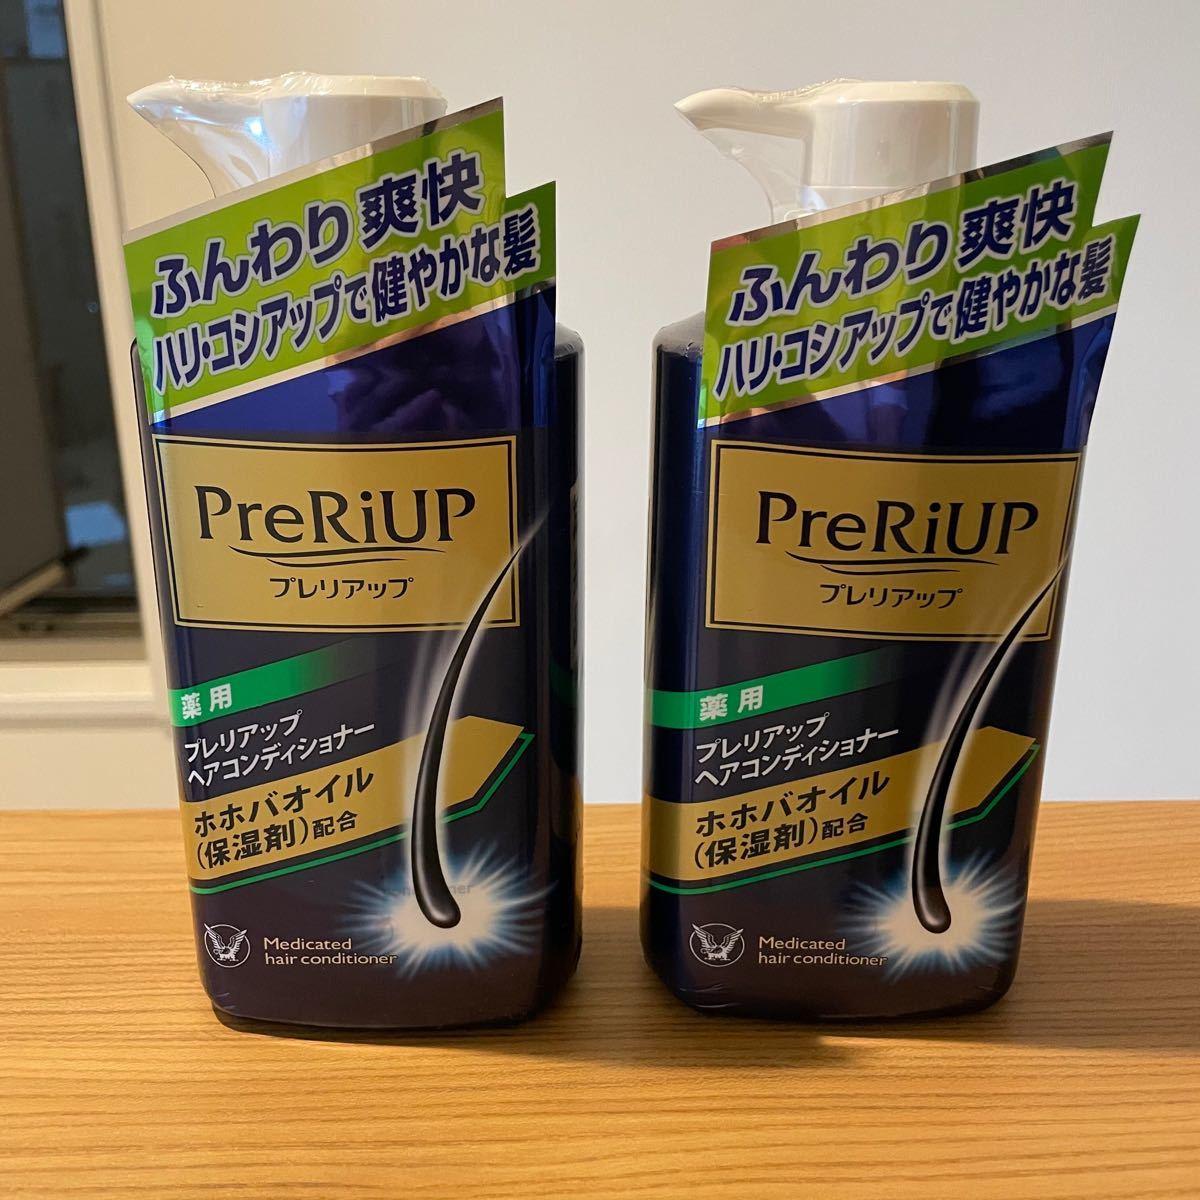 プレリアップ ヘアコンディショナー 大正製薬 2本セット スカルプシャンプー 新品未使用 ヘアケア 男性用 リアップ非売品